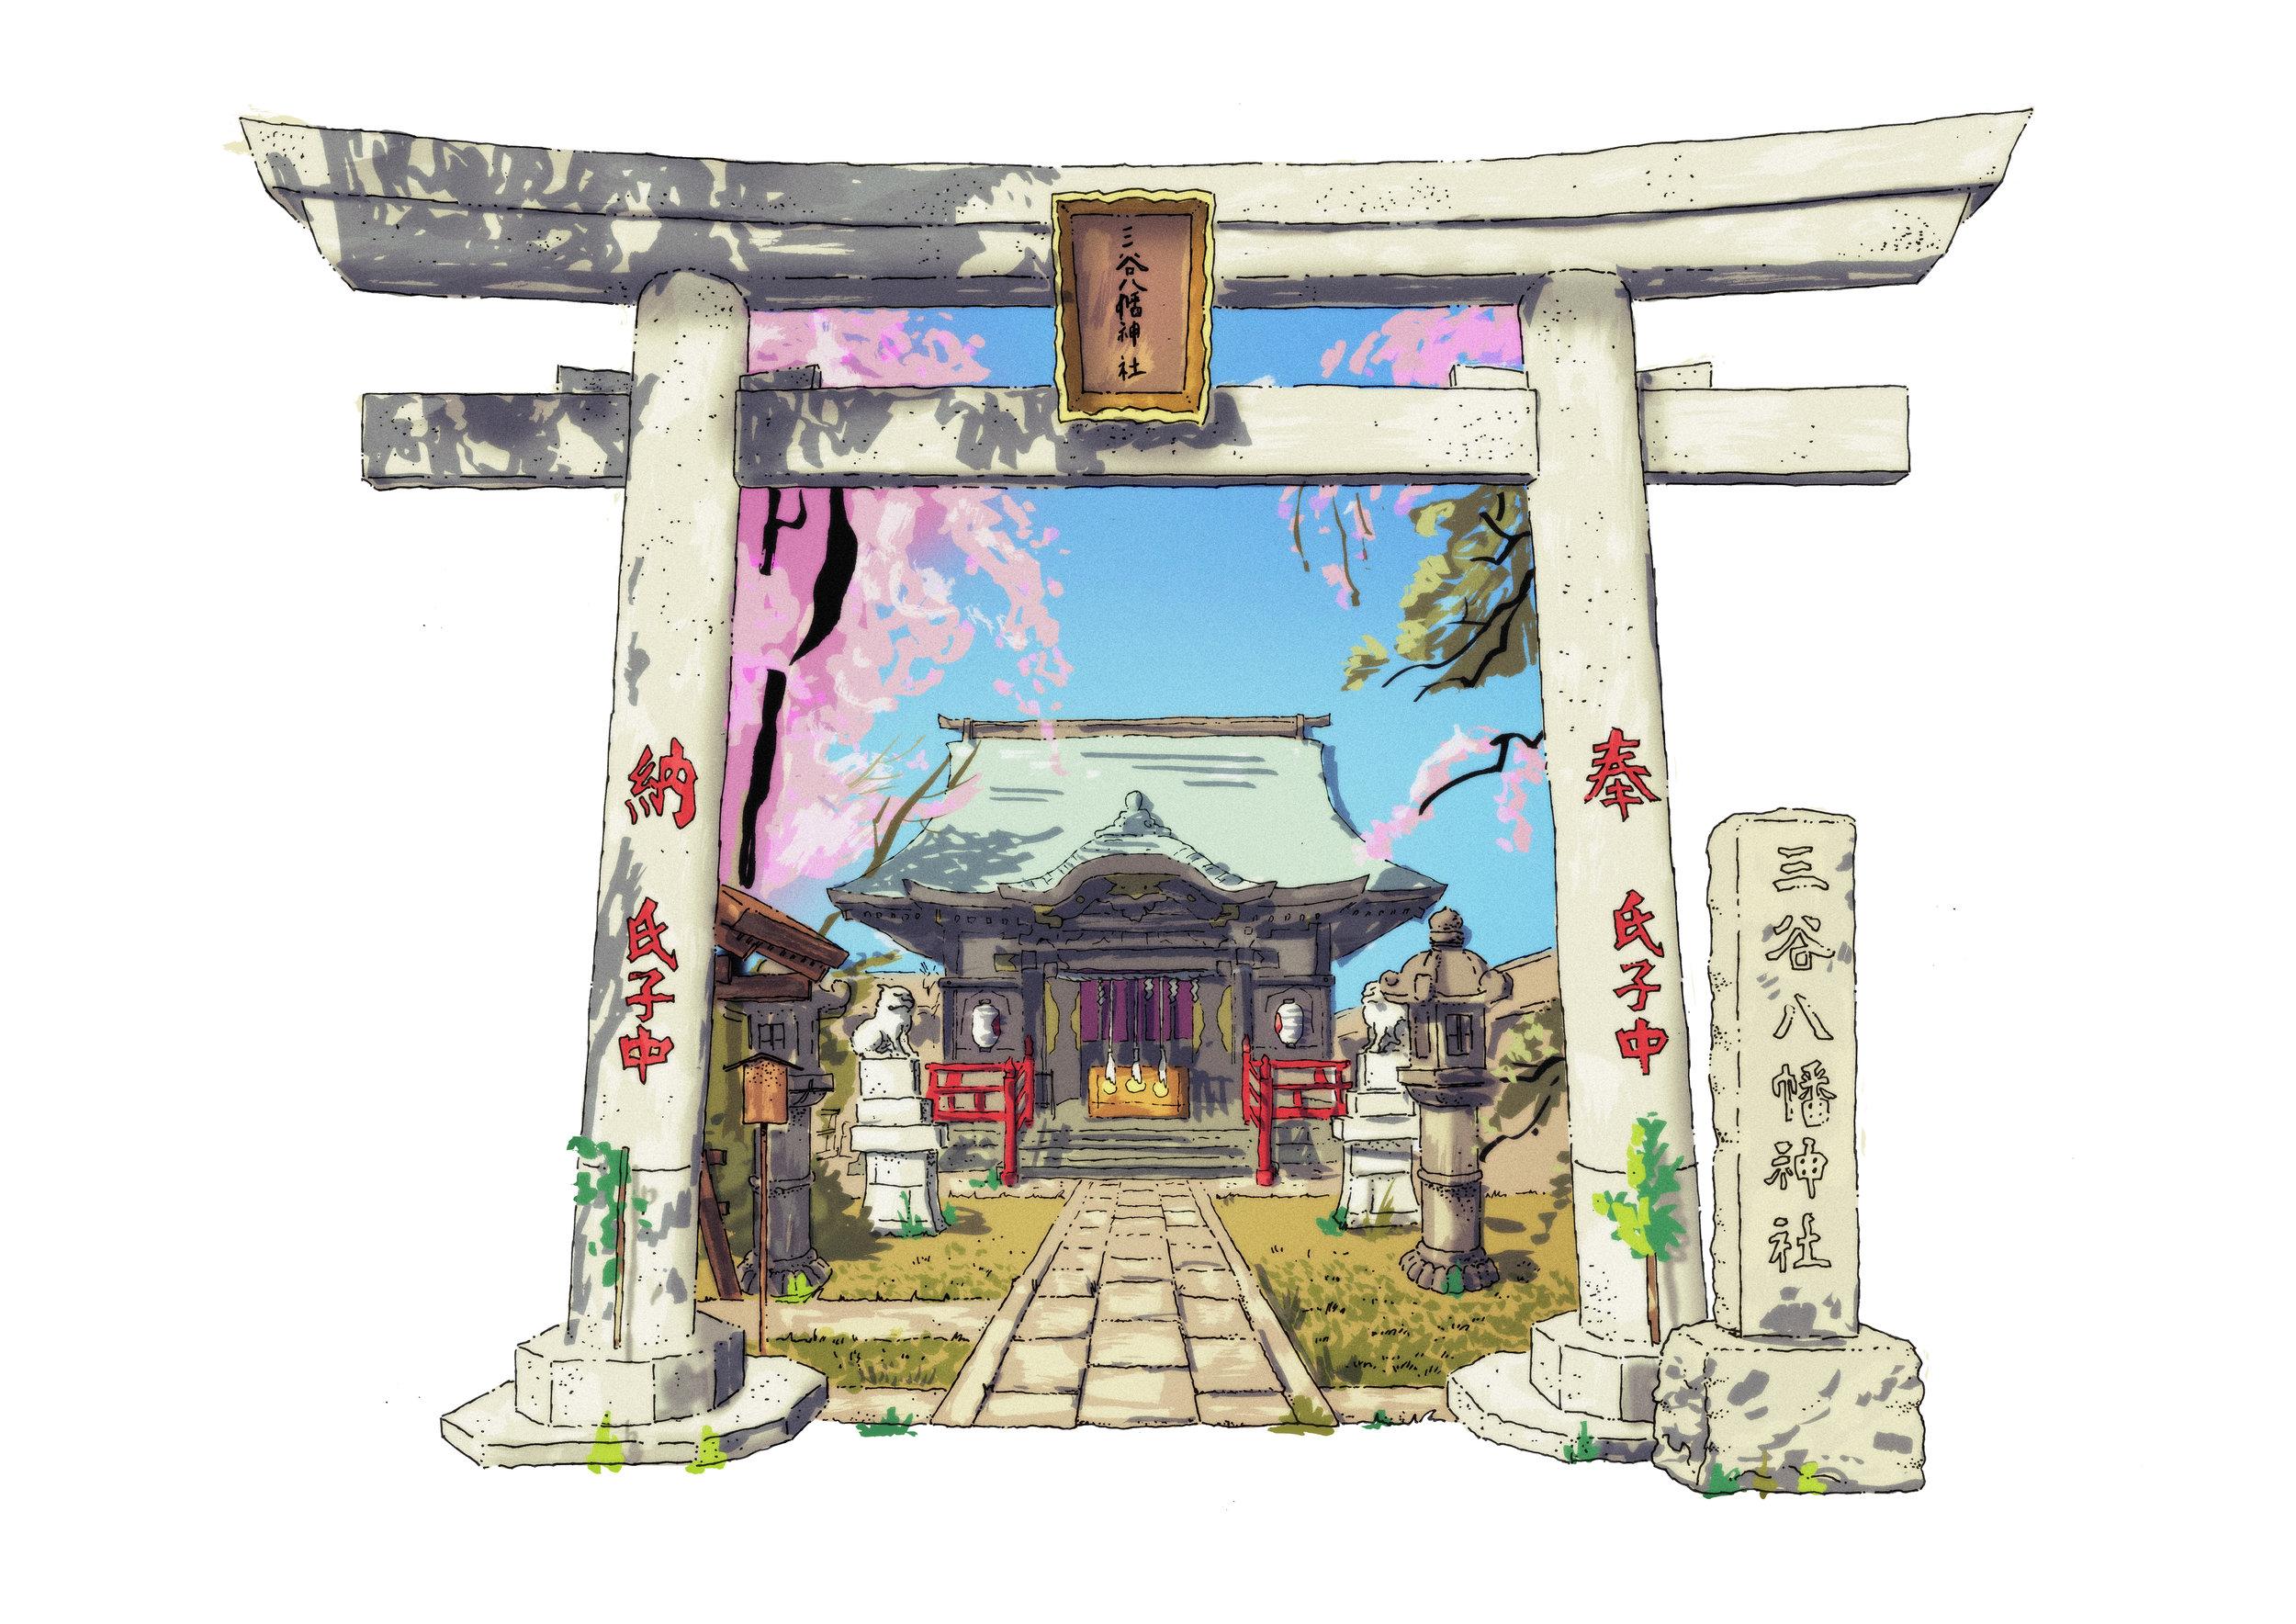 imano_tokyo_shinto_adrianhogan.jpg